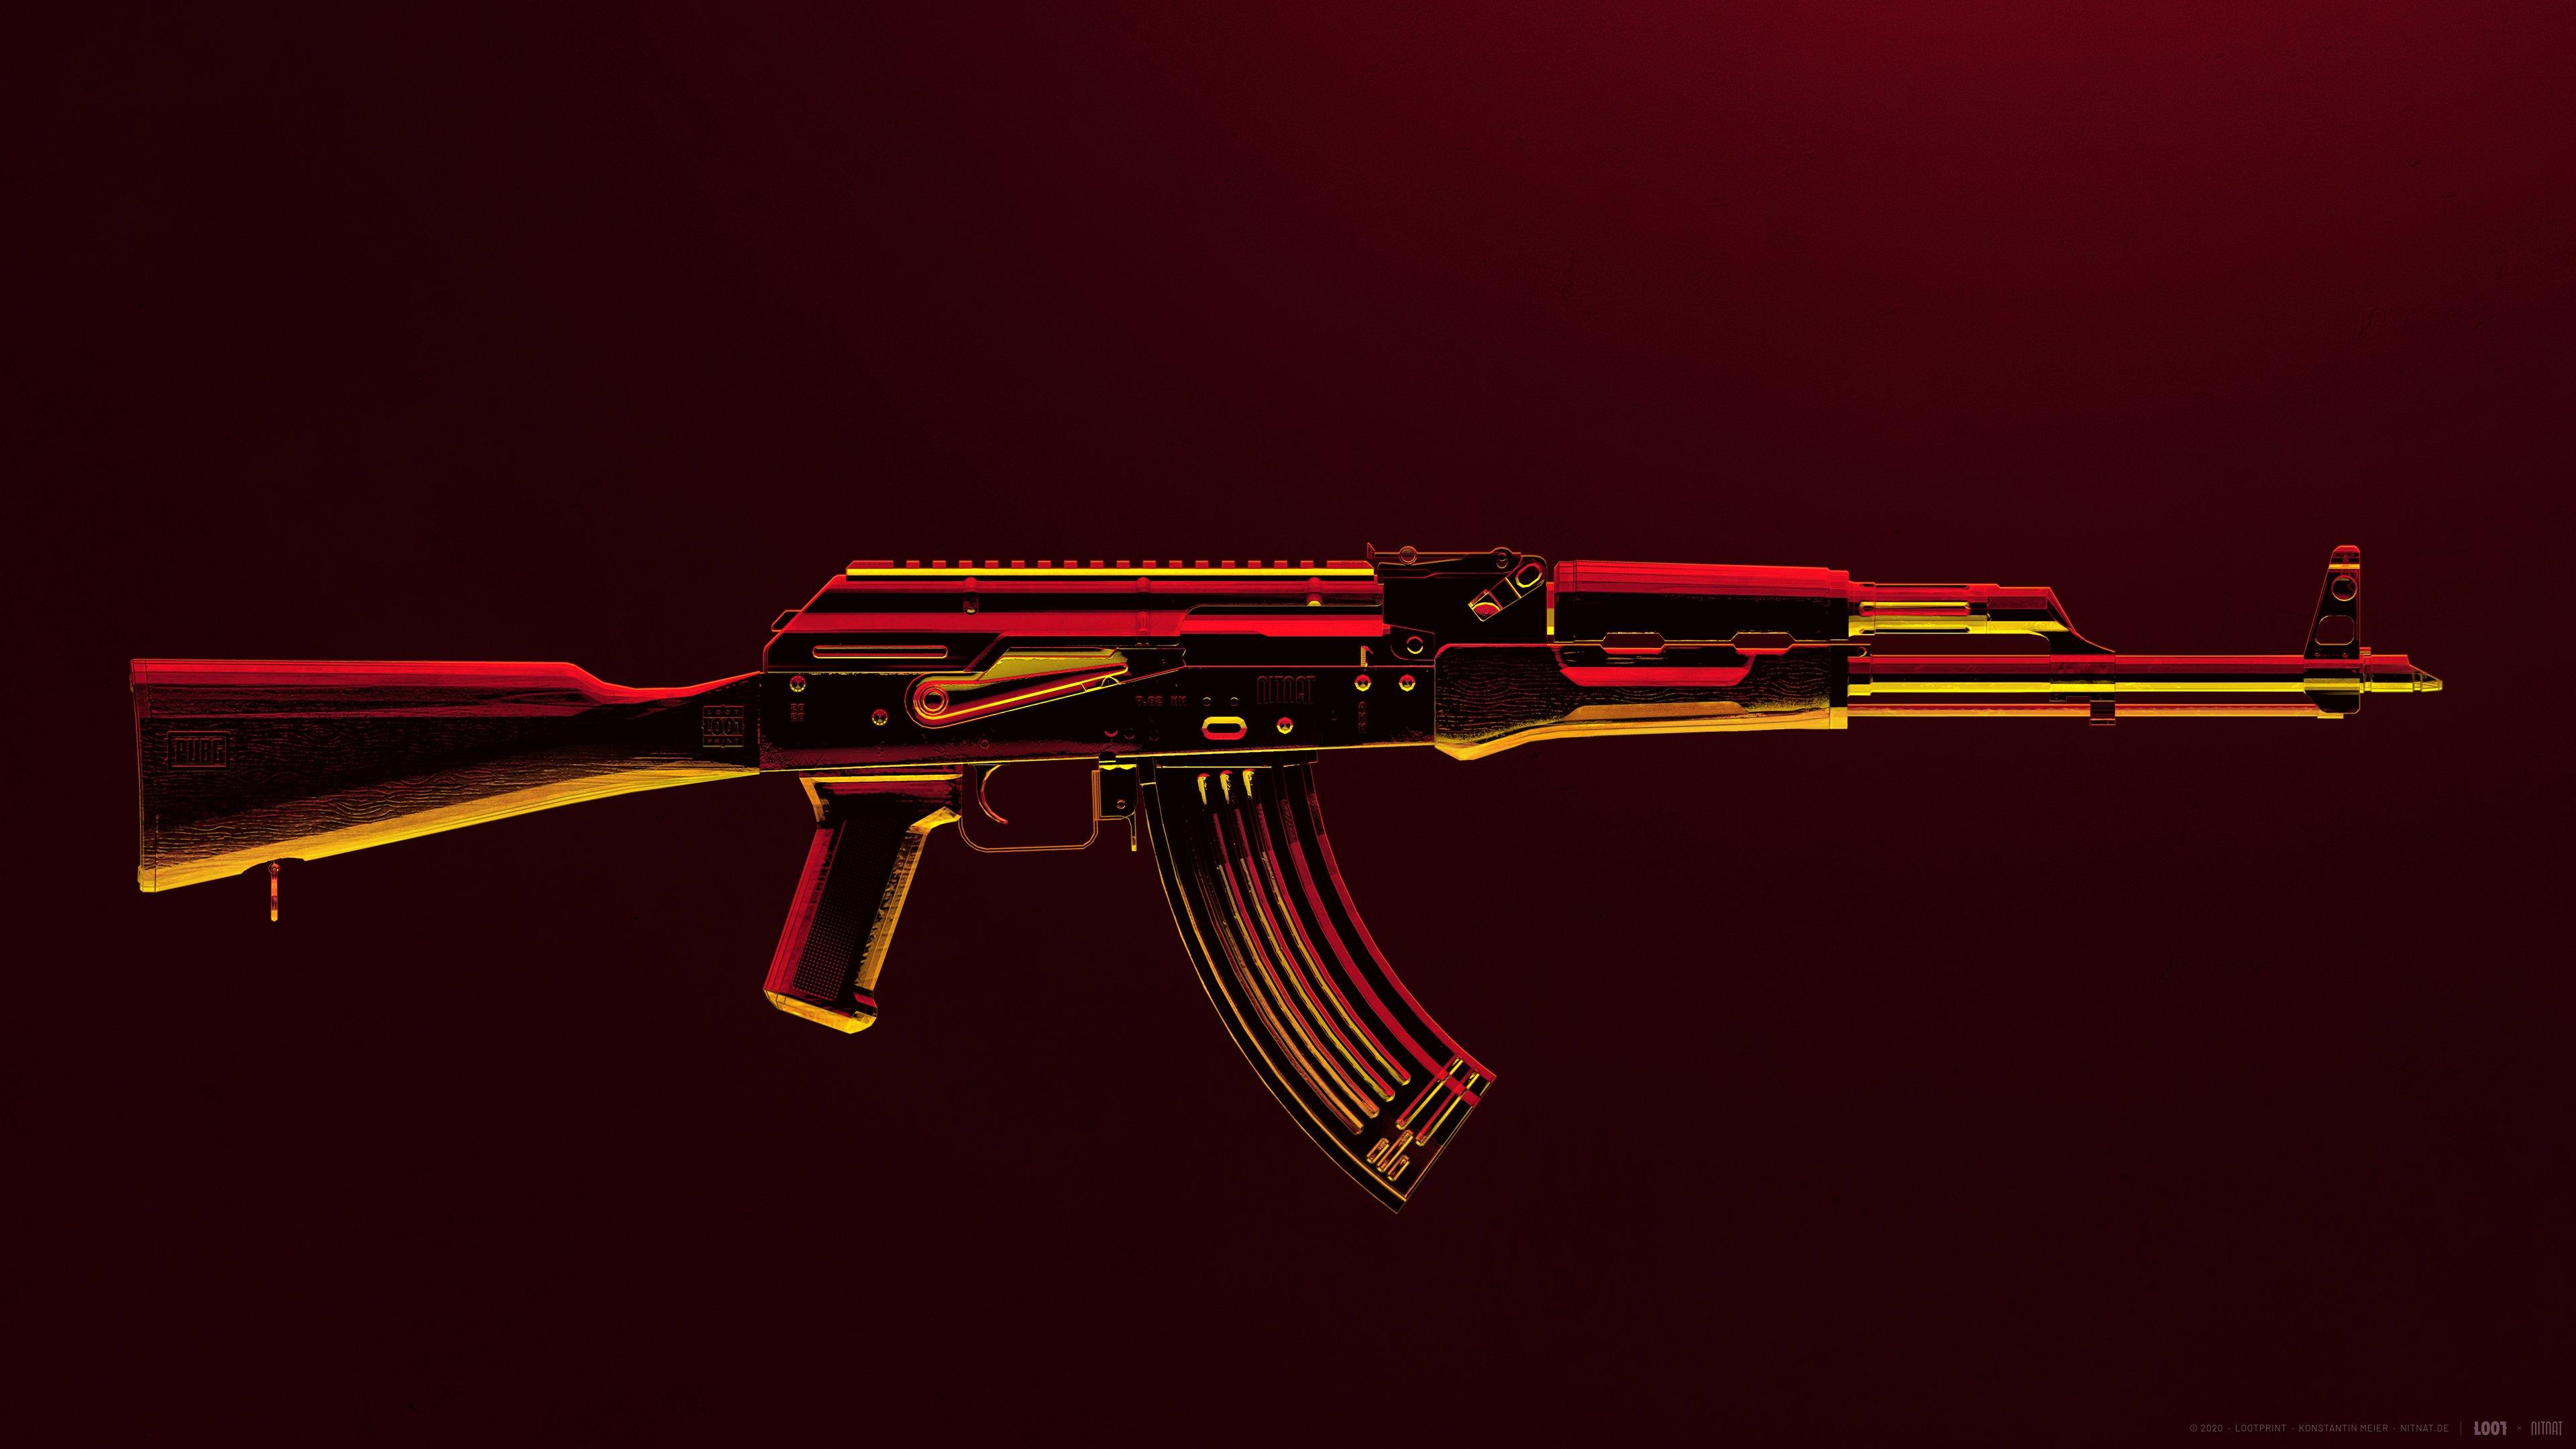 Fondos de pantalla Arma AK47 de PUBG